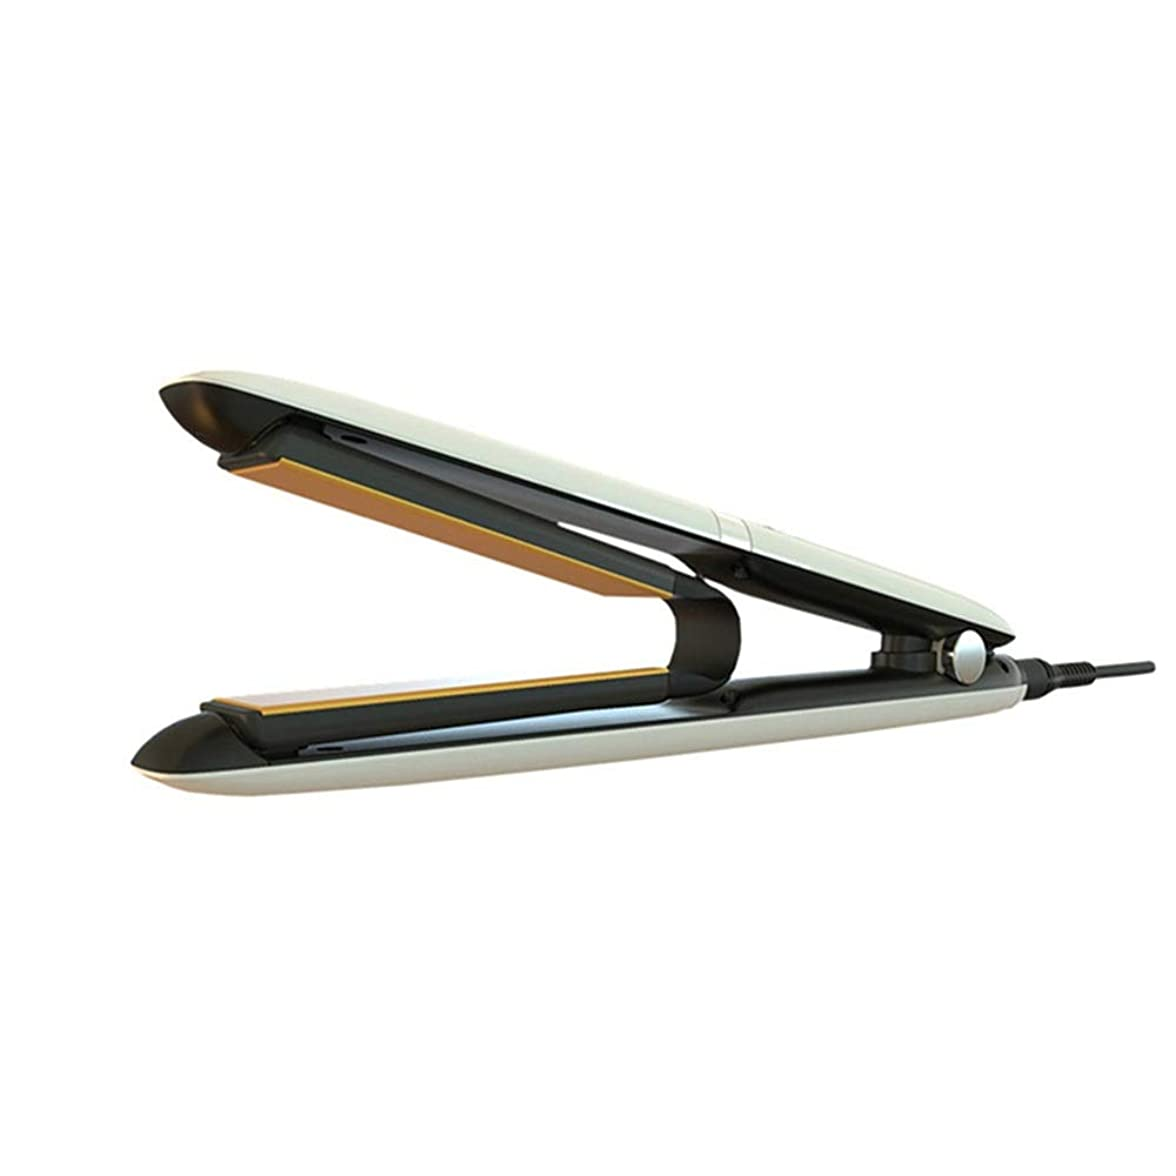 器具エンターテインメントスキー2 IN 1セラミックストレートヘアアイロン、可変温度設定、30秒加熱時間 モデリングツール (色 : ホワイト)